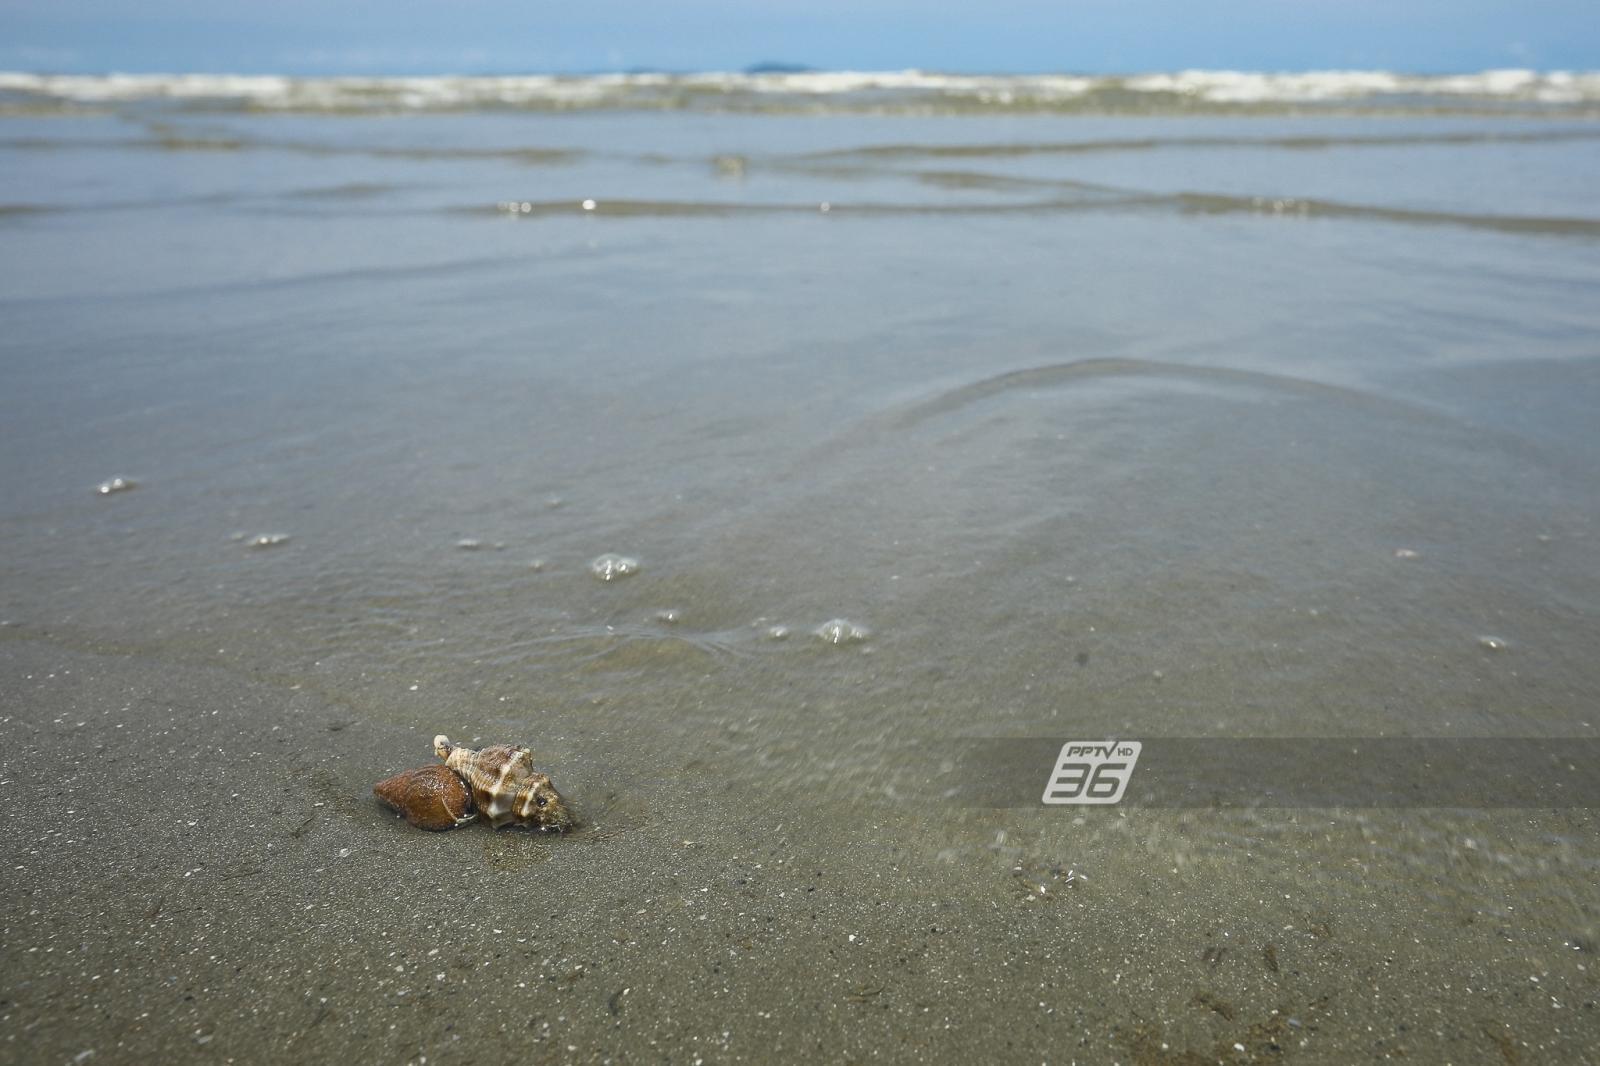 นายกเมืองแสนสุข ผุดไอเดียปิดหาดบางแสน 1 วัน/สัปดาห์ ฟื้นธรรมชาติ